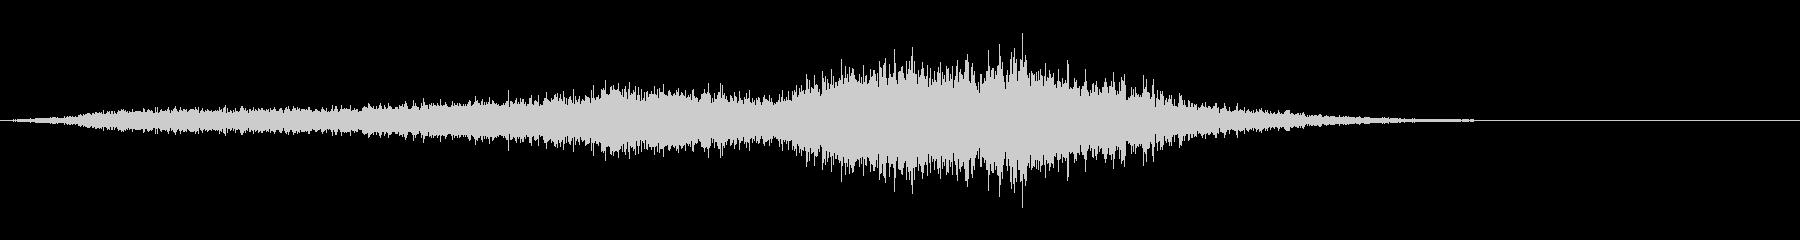 ホラー系効果音11の未再生の波形